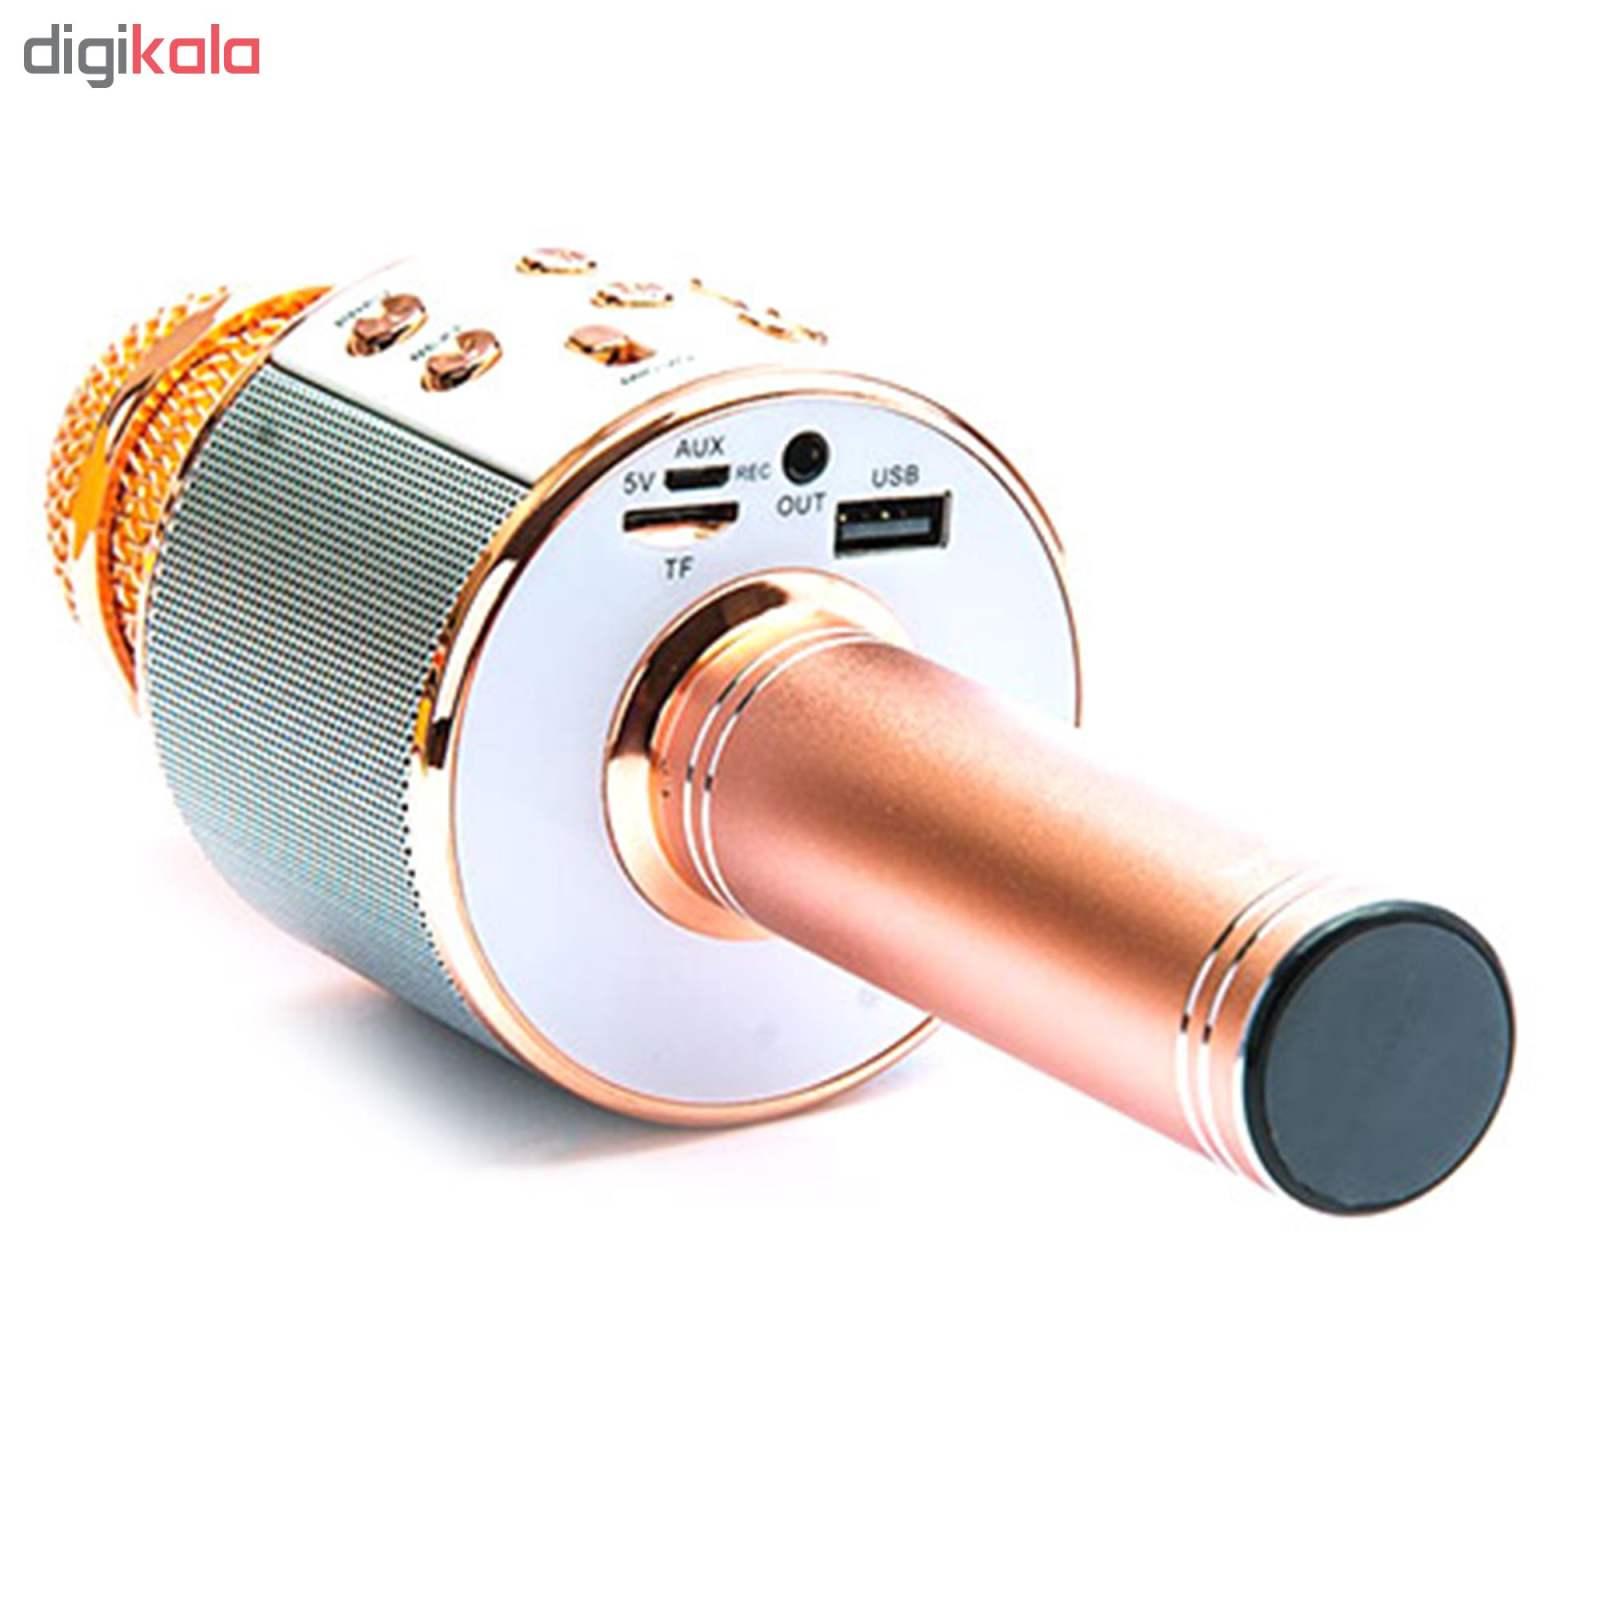 میکروفن بلوتوث وستر مدل WS-858 thumb 4